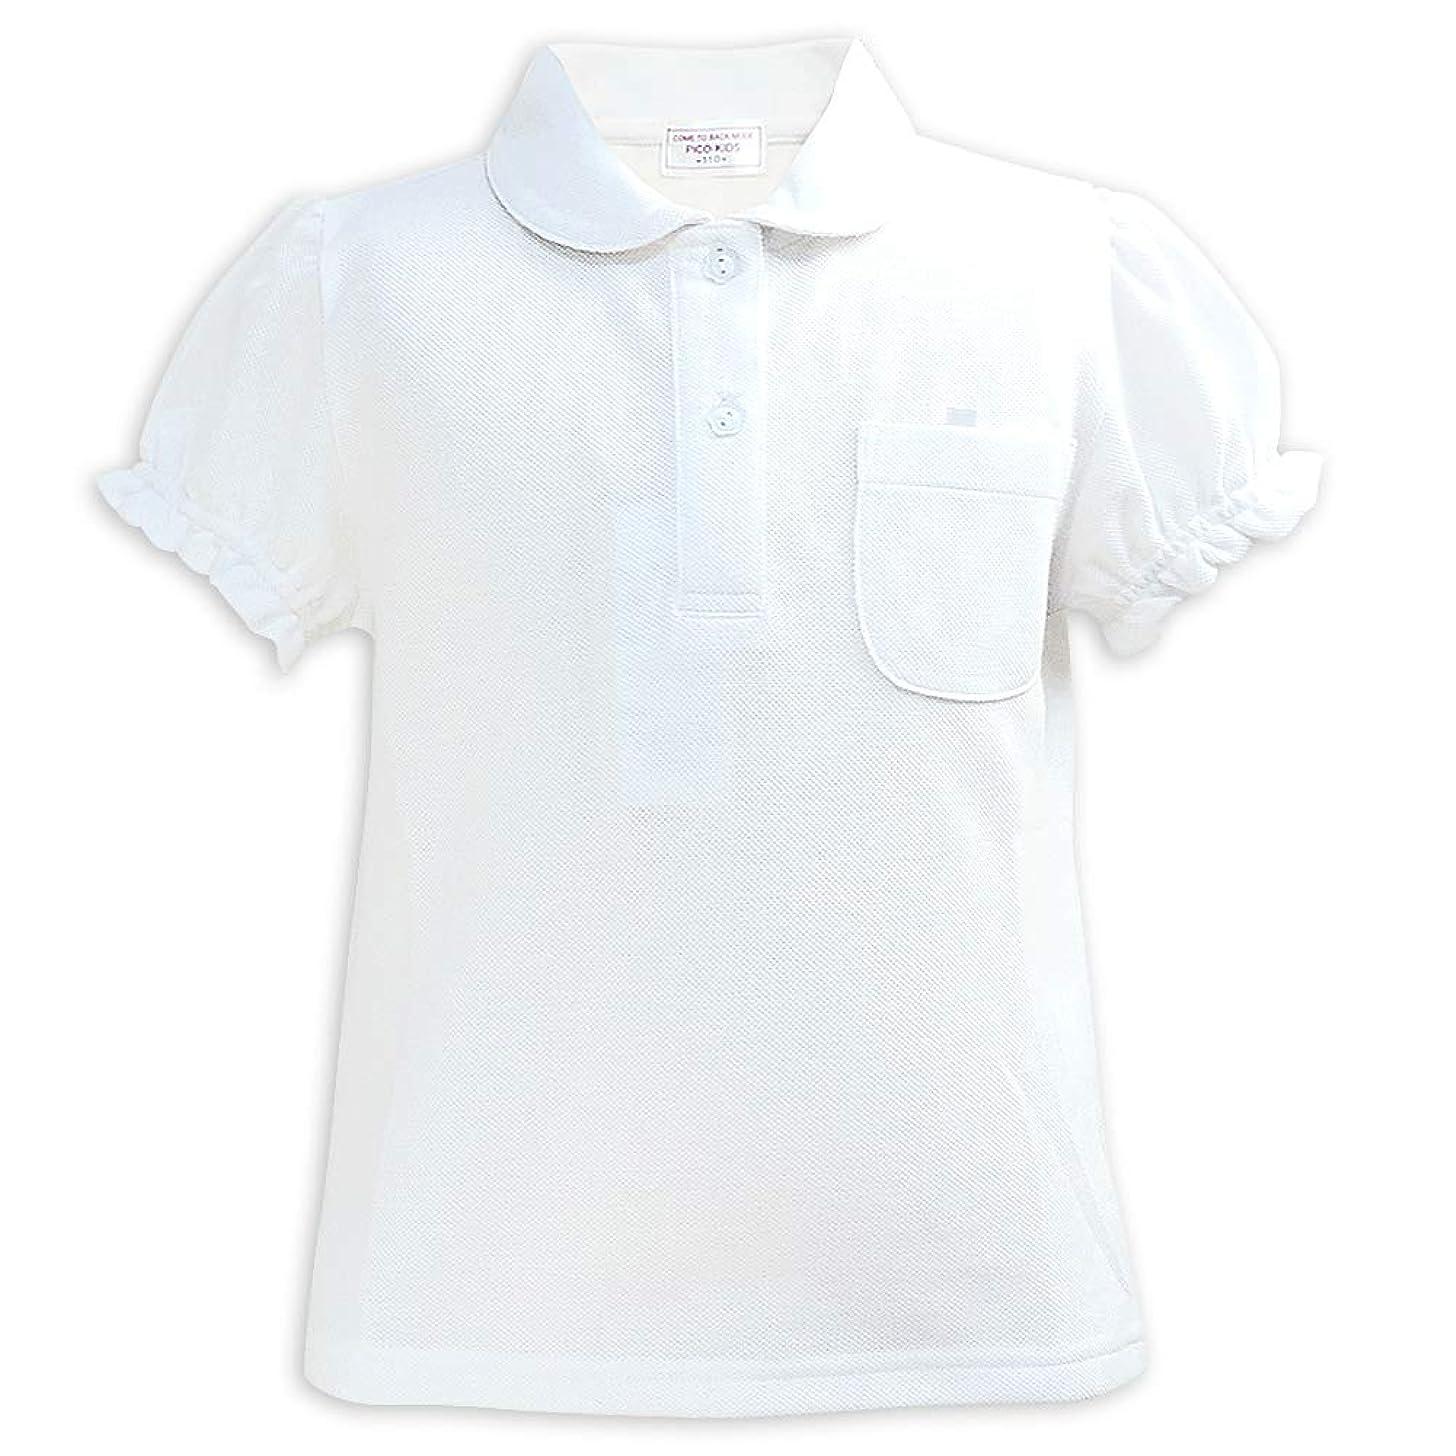 カリングやさしく鋭くASHBERRY (アッシュベリー) 丸えり半袖ポロシャツ/白/鹿の子/女の子/子供/スクール/キッズ/小学生/制服(10600)